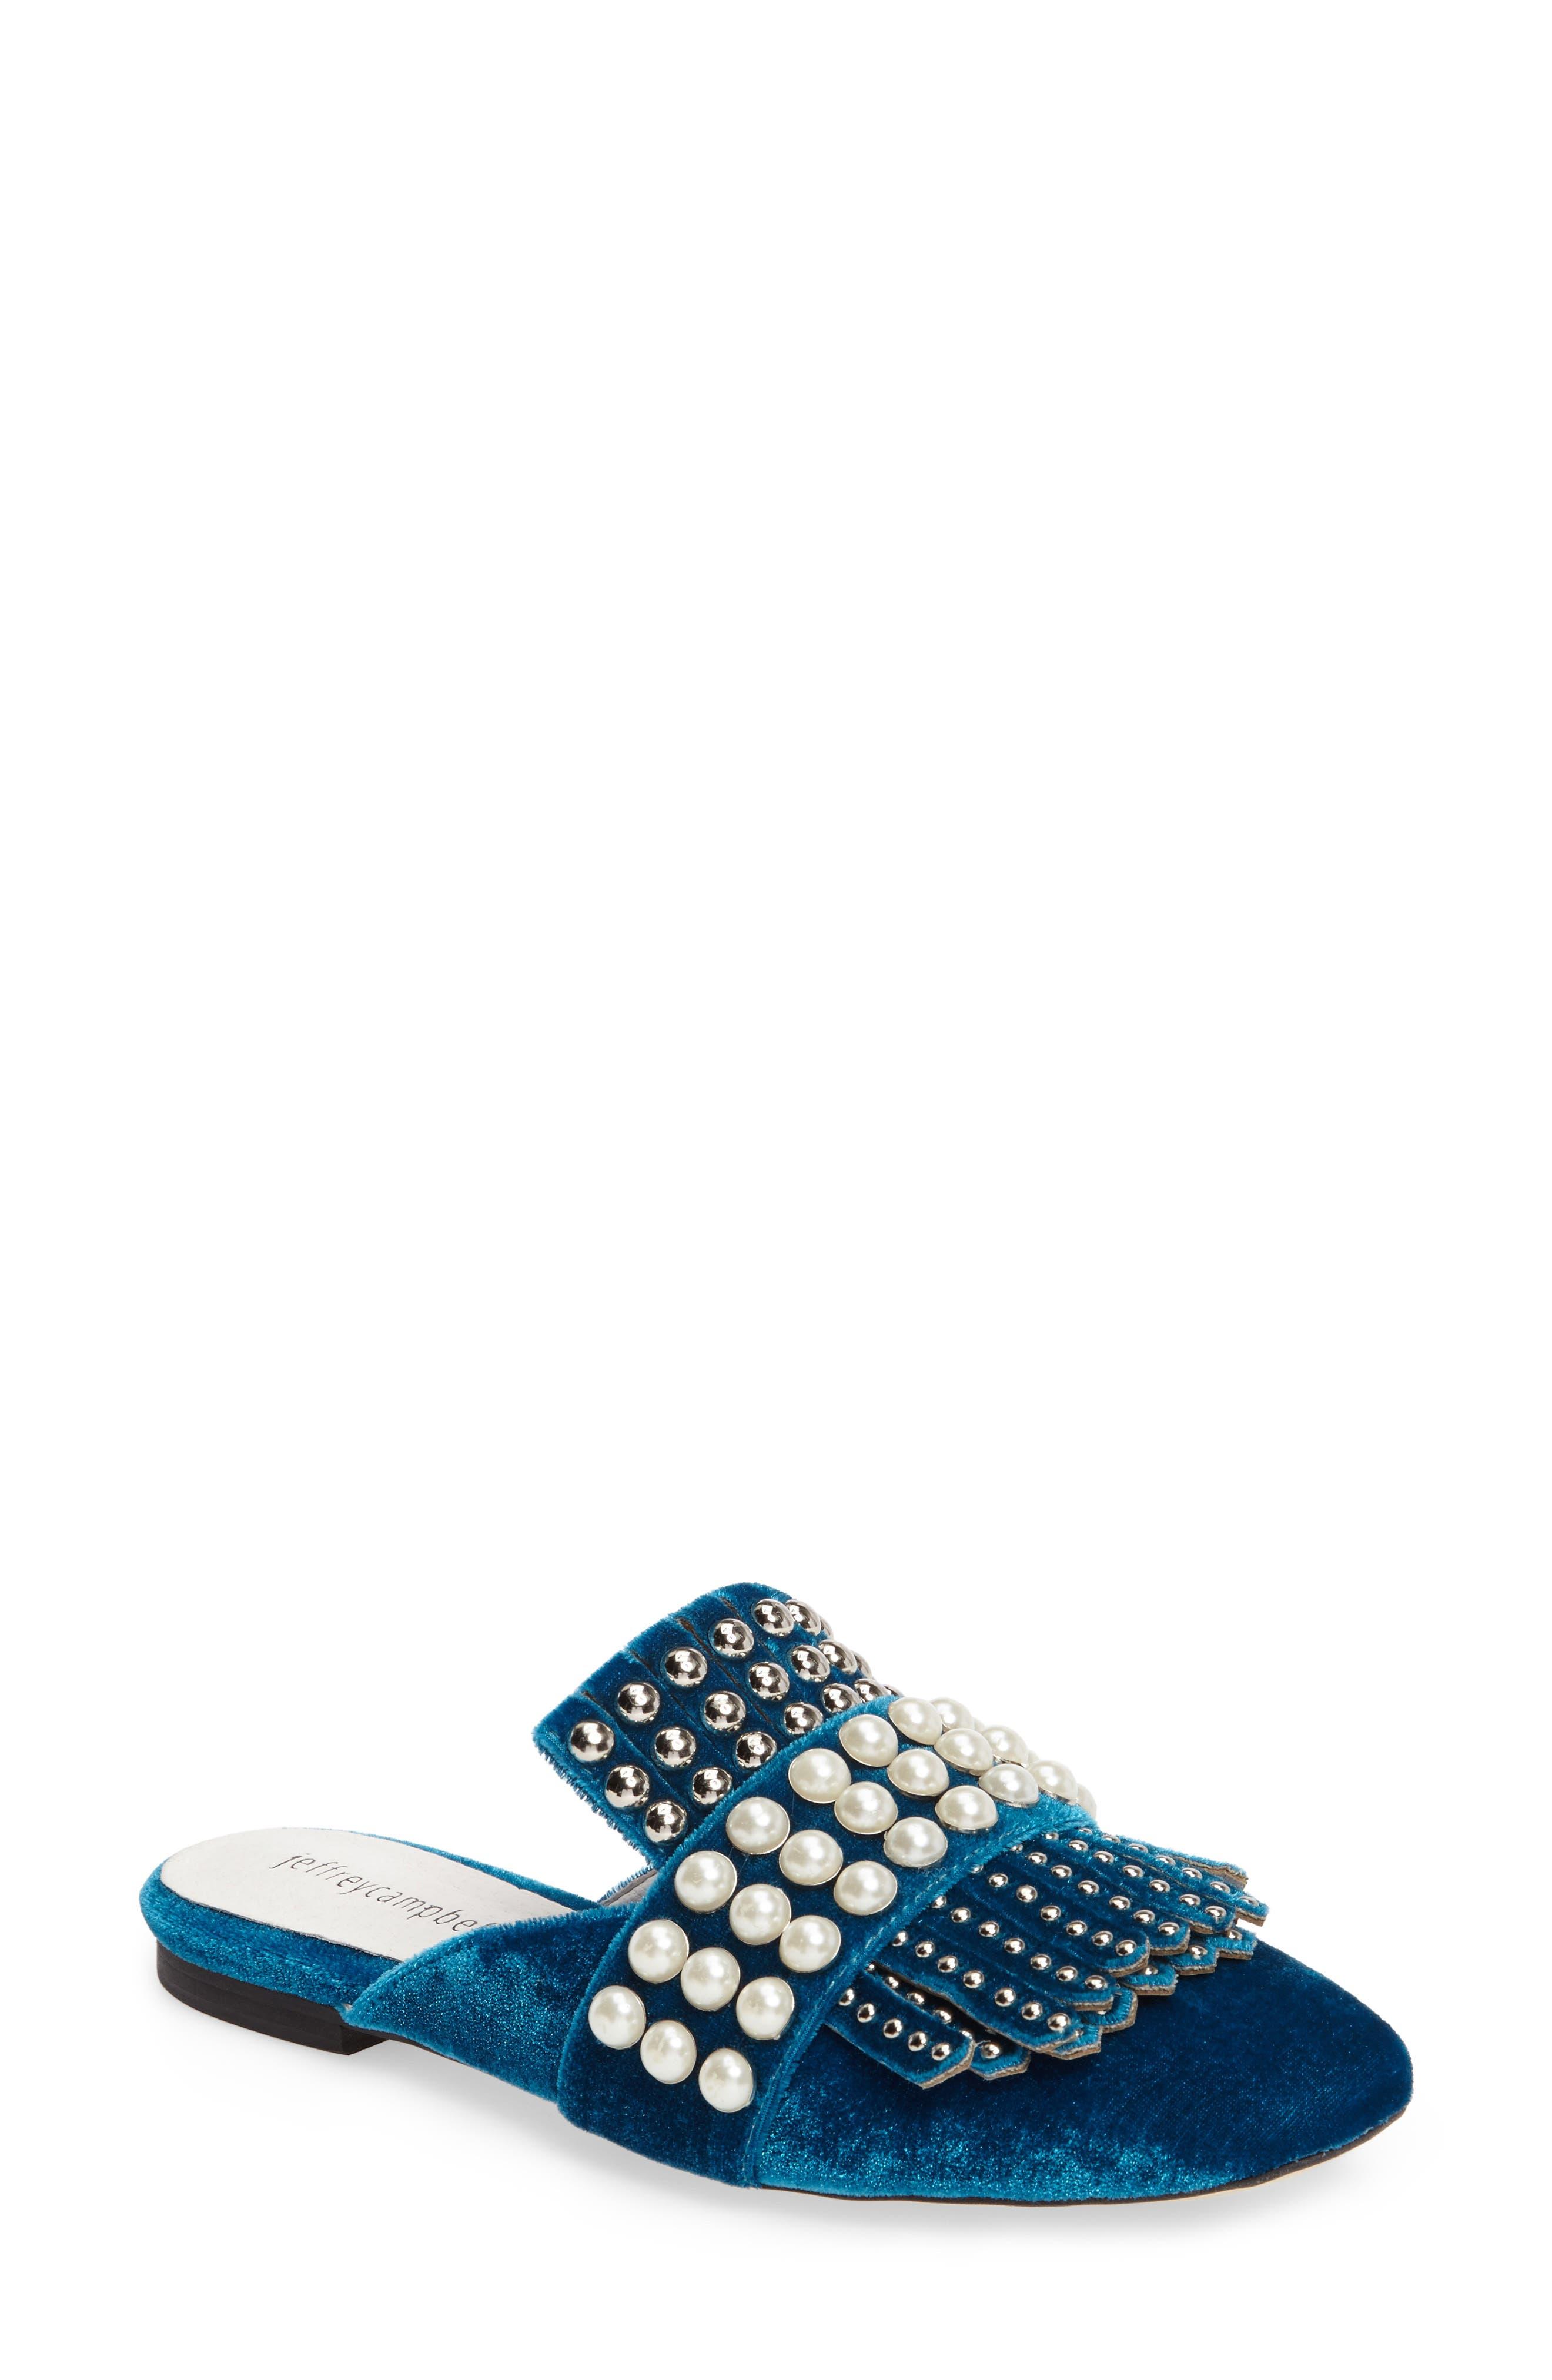 Alternate Image 1 Selected - Jeffrey Campbell Ravis Embellished Loafer Mule (Women)